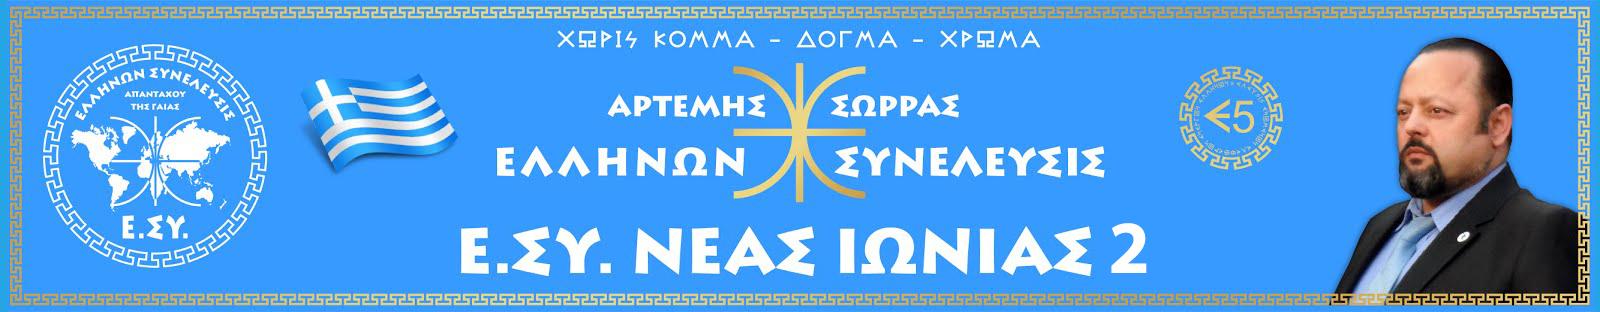 Ε.ΣΥ. ΝΕΑΣ ΙΩΝΙΑΣ 2 (ΑΤΤΙΚΗΣ)